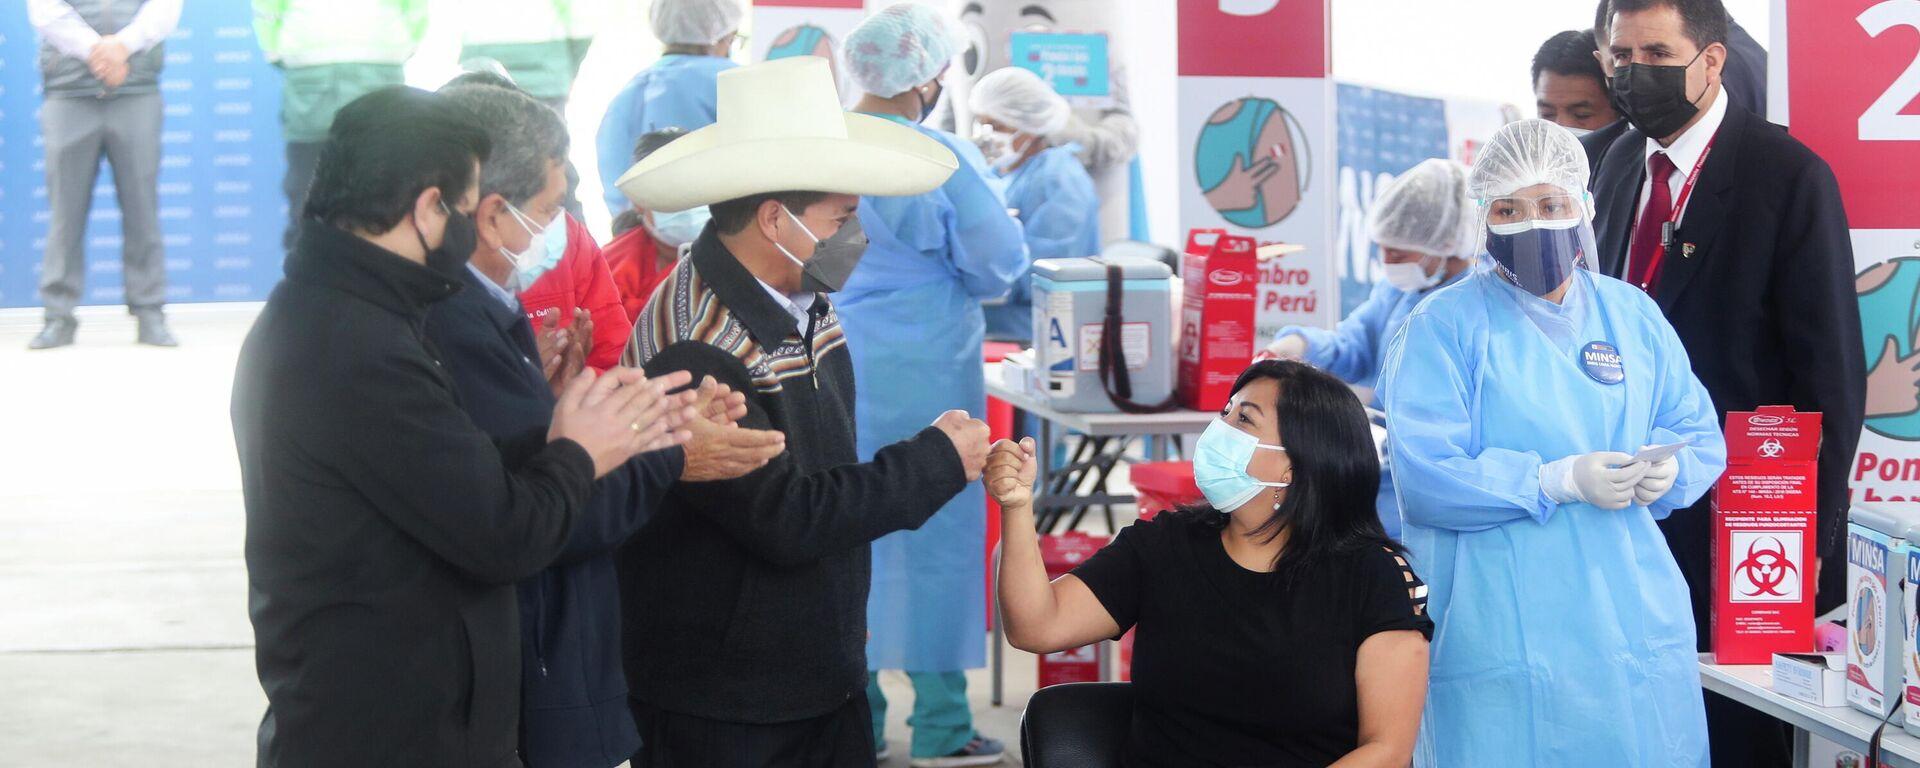 Pedro Castillo en campaña de vacunación contra el COVID-19 - Sputnik Mundo, 1920, 17.09.2021